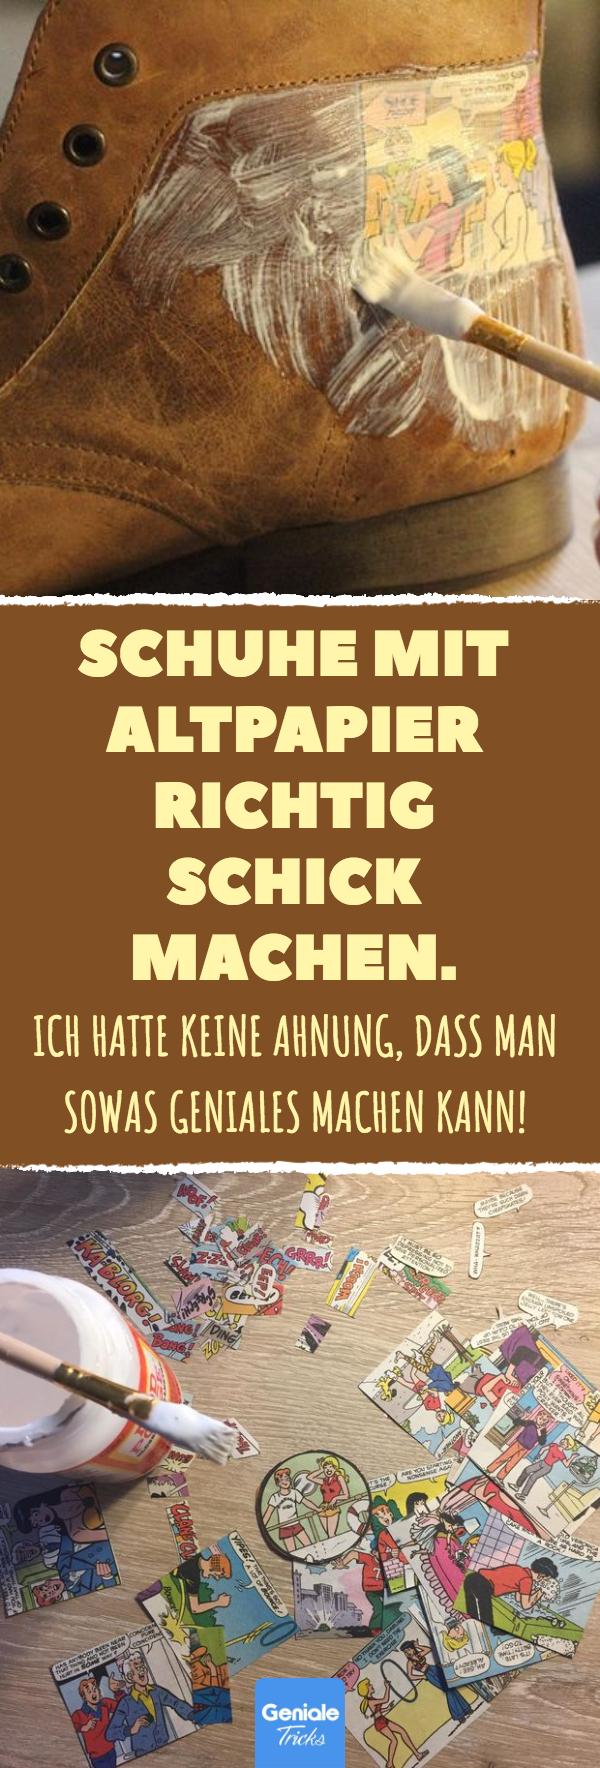 schuhe mit altpapier richtig schick machen. #diy #upcycling #zeitung